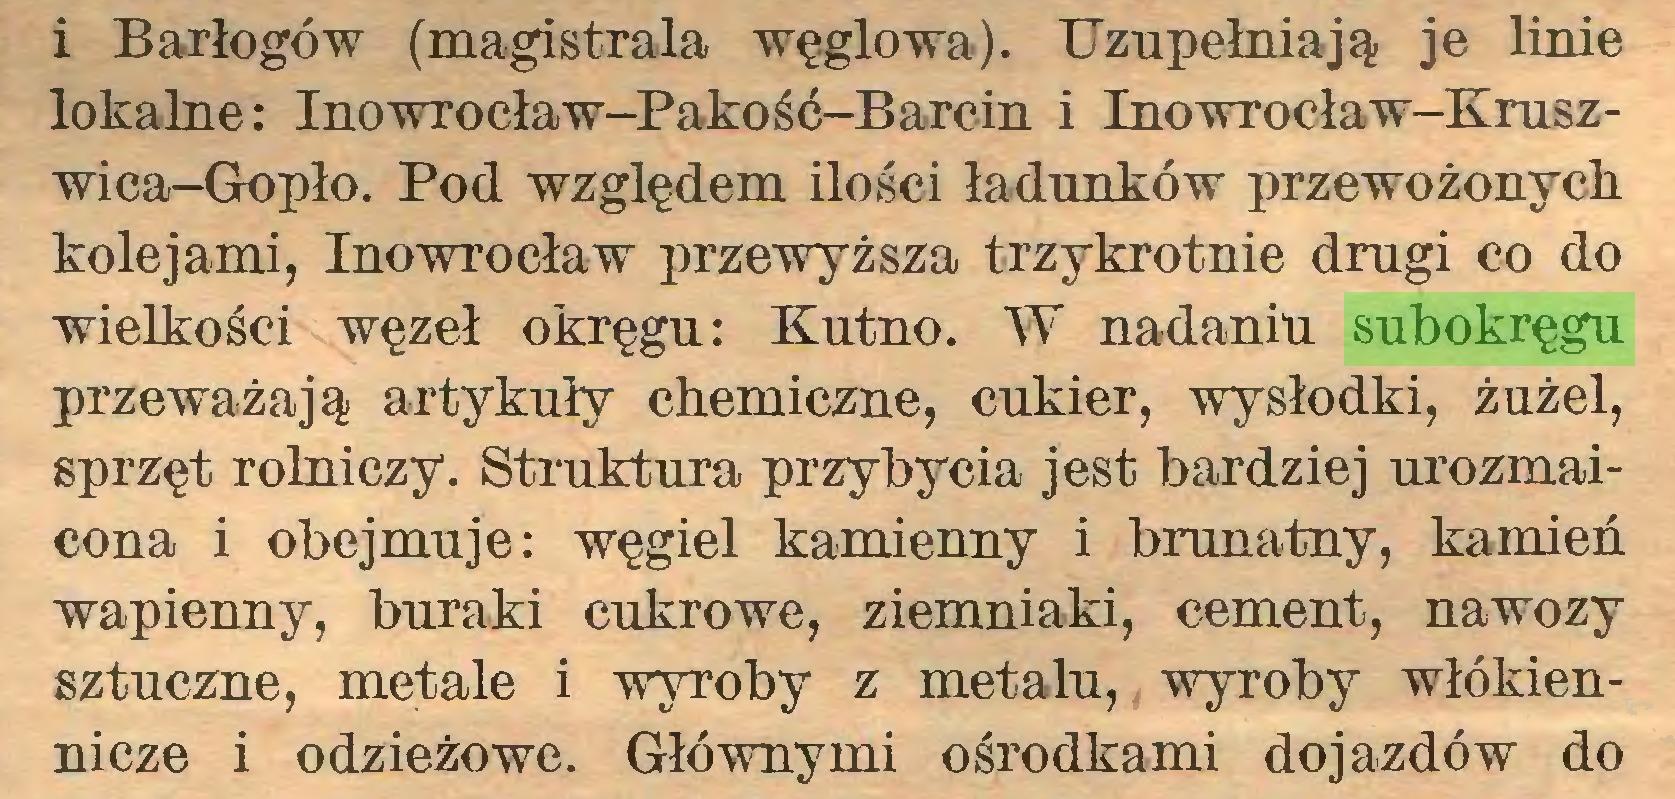 (...) i Barłogów (magistrala węglowa). Uzupełniają je linie lokalne: Inowrocław-Pakość-Barcin i Inowrocław-Kruszwica-Gopło. Pod względem ilości ładunków przewożonych kolejami, Inowrocław przewyższa trzykrotnie drugi co do wielkości węzeł okręgu: Kutno. W nadaniu subokręgu przeważają artykuły chemiczne, cukier, wysłodki, żużel, sprzęt rolniczy. Struktura przybycia jest bardziej urozmaicona i obejmuje: węgiel kamienny i brunatny, kamień wapienny, buraki cukrowe, ziemniaki, cement, nawozy sztuczne, metale i wyroby z metalu, wyroby włókiennicze i odzieżowe. Głównymi ośrodkami dojazdów do...